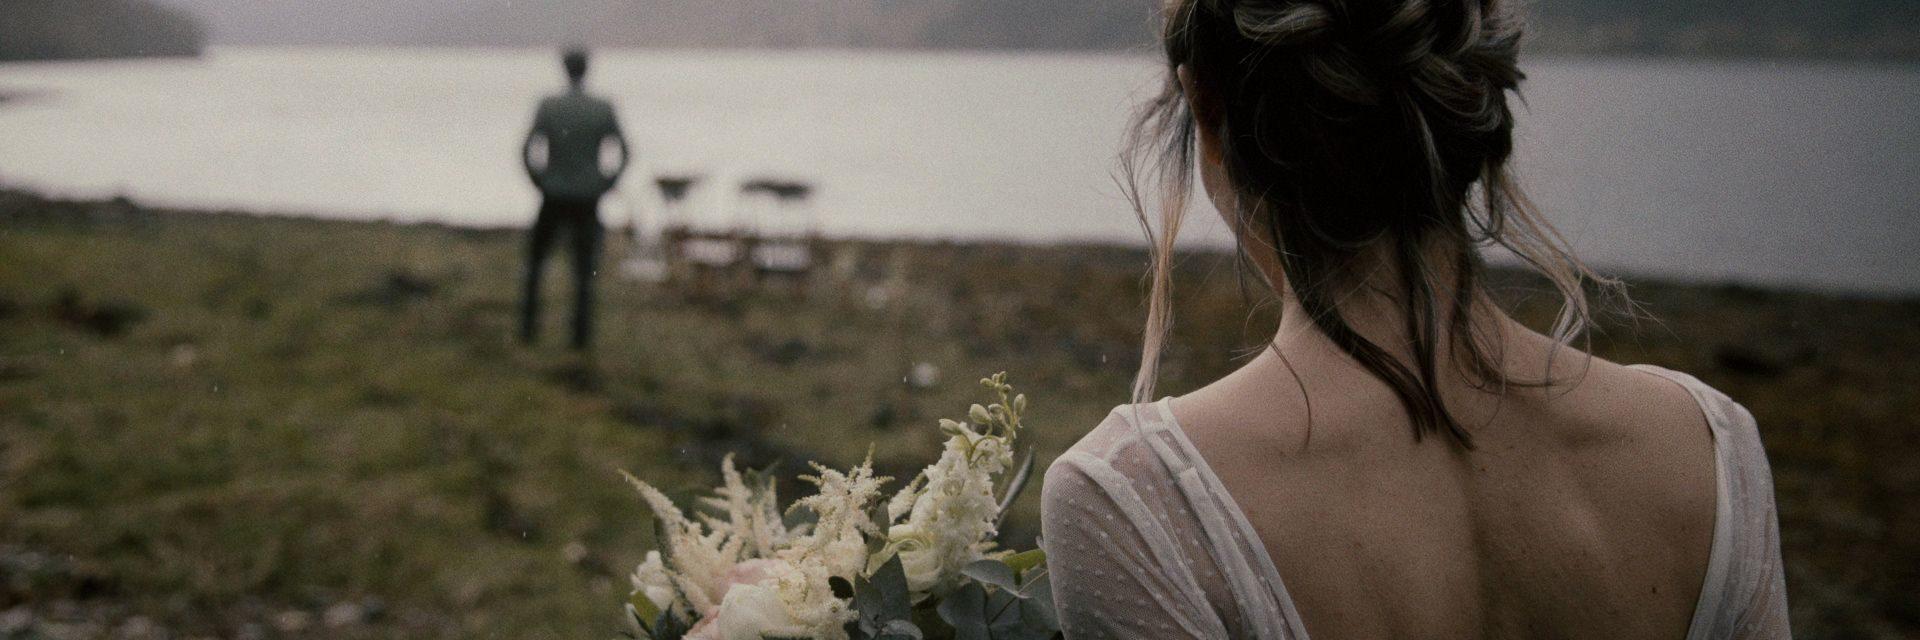 Bordeaux-wedding-videographer-cinemate-films-02